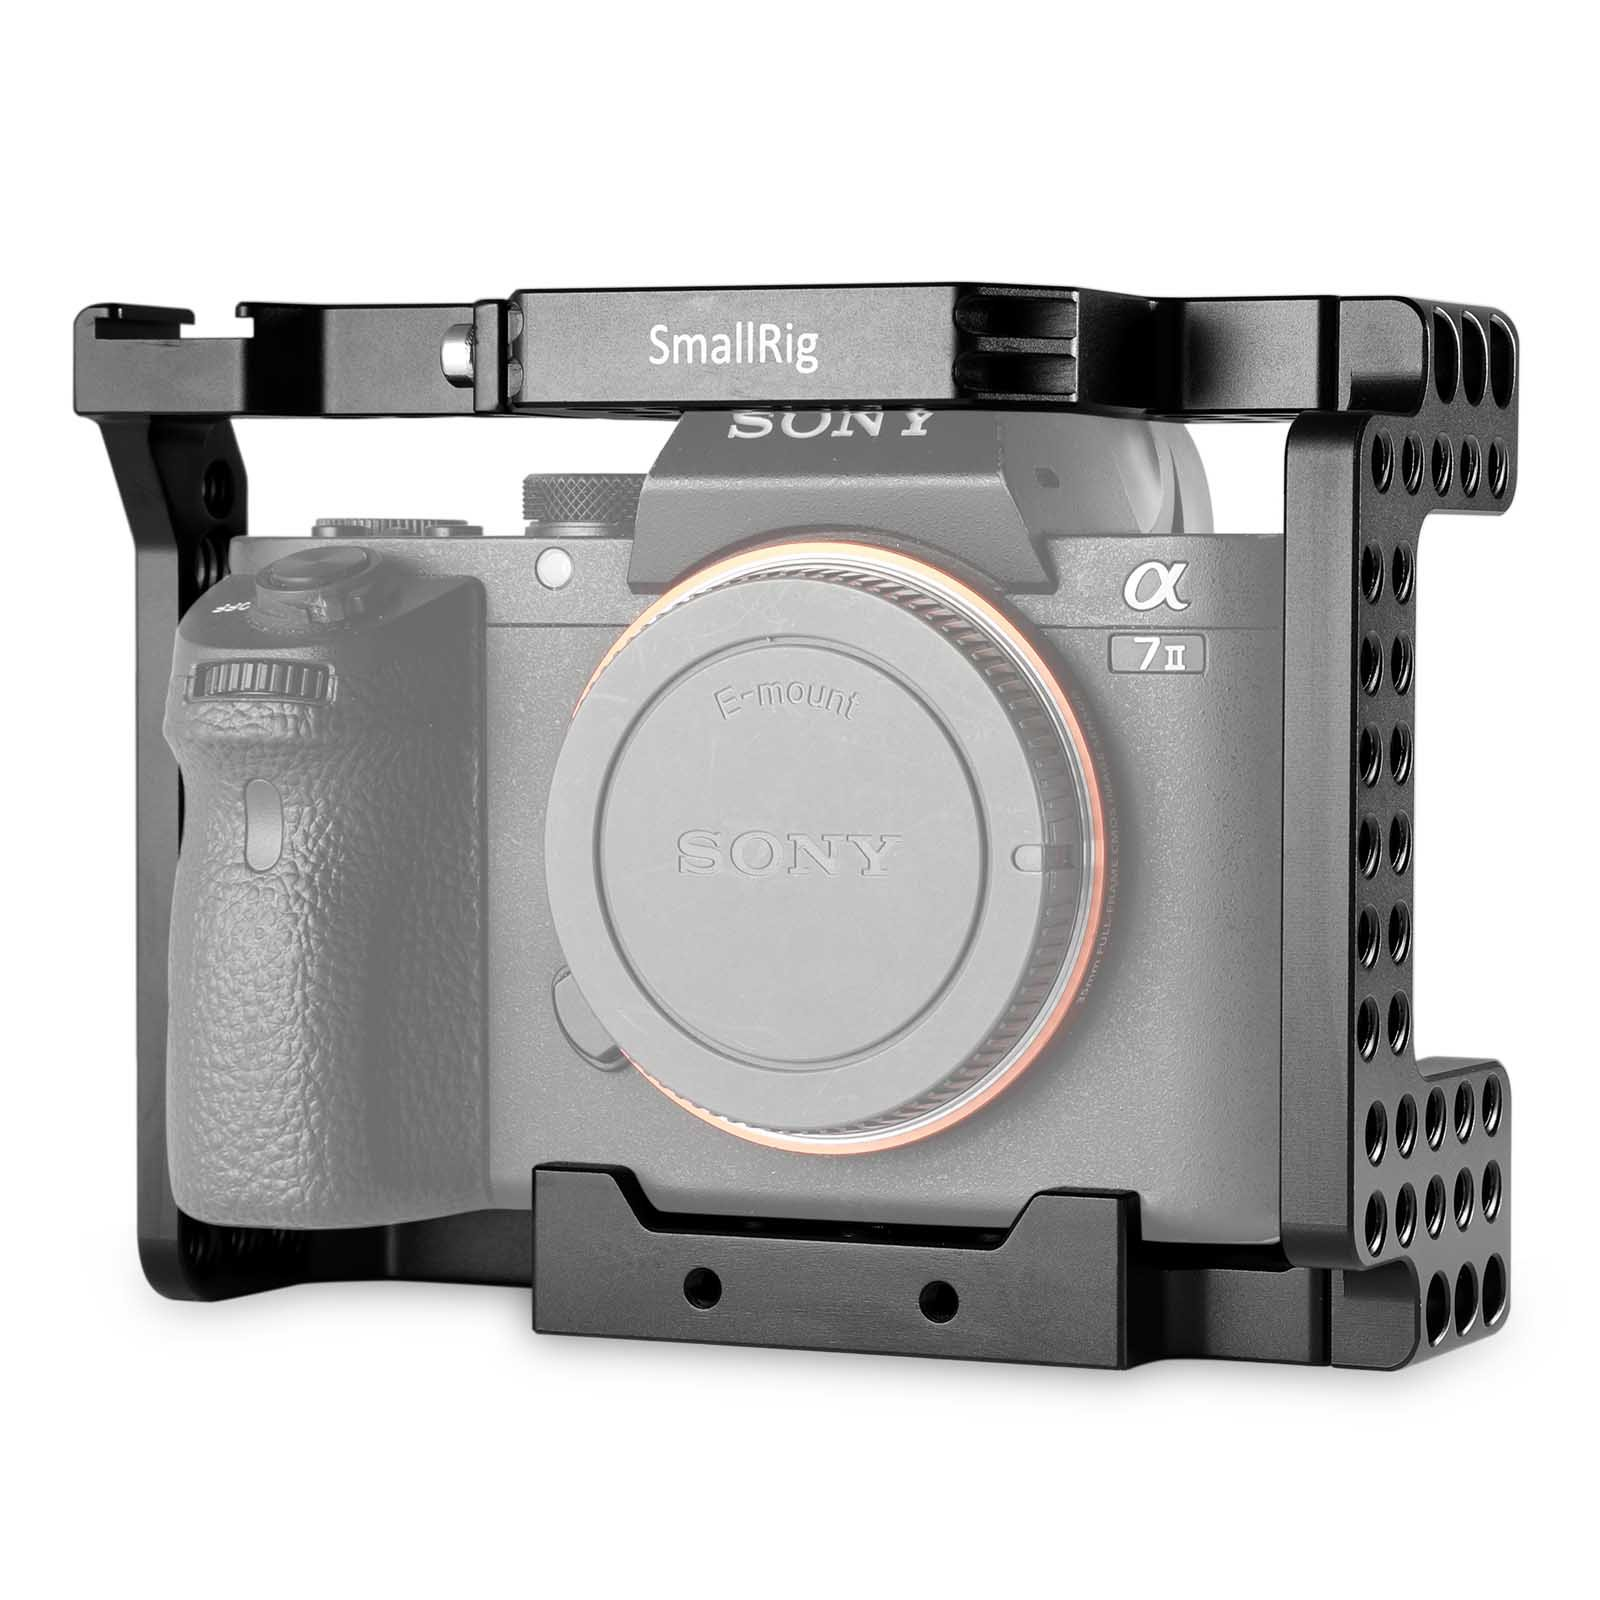 SMALLRIG Camera Stabilizer Cage for A7II A7RII A7SII ILCE-7M2/ILCE-7RM2/ILCE-7SM2 Camera - 1660